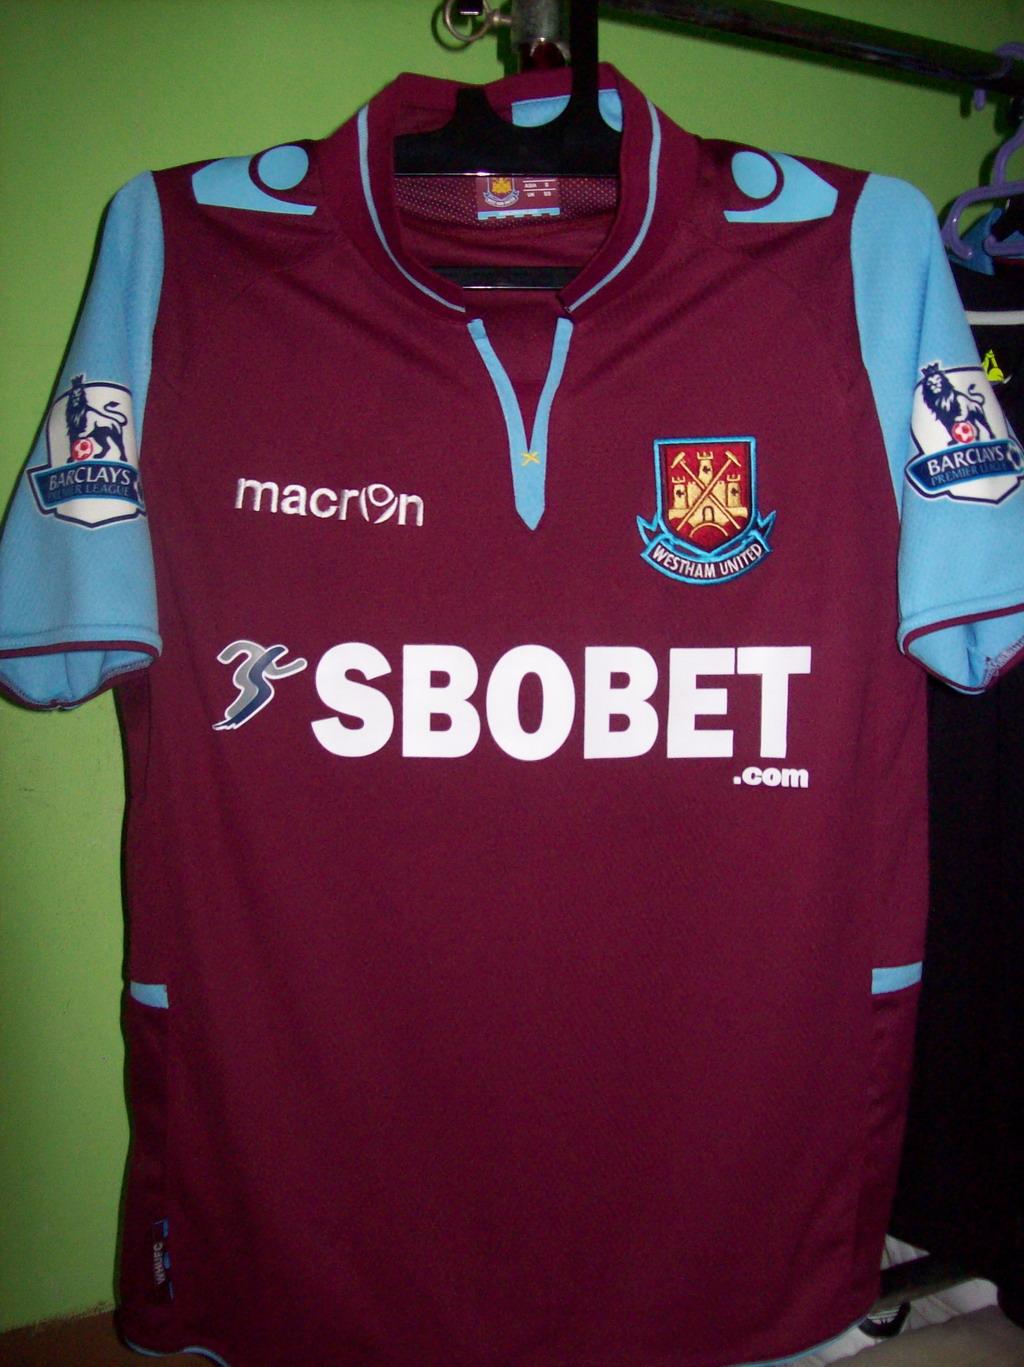 d8e0b9269 West Ham United Home camisa de futebol 2012 - 2013. Sponsored by SBOBET